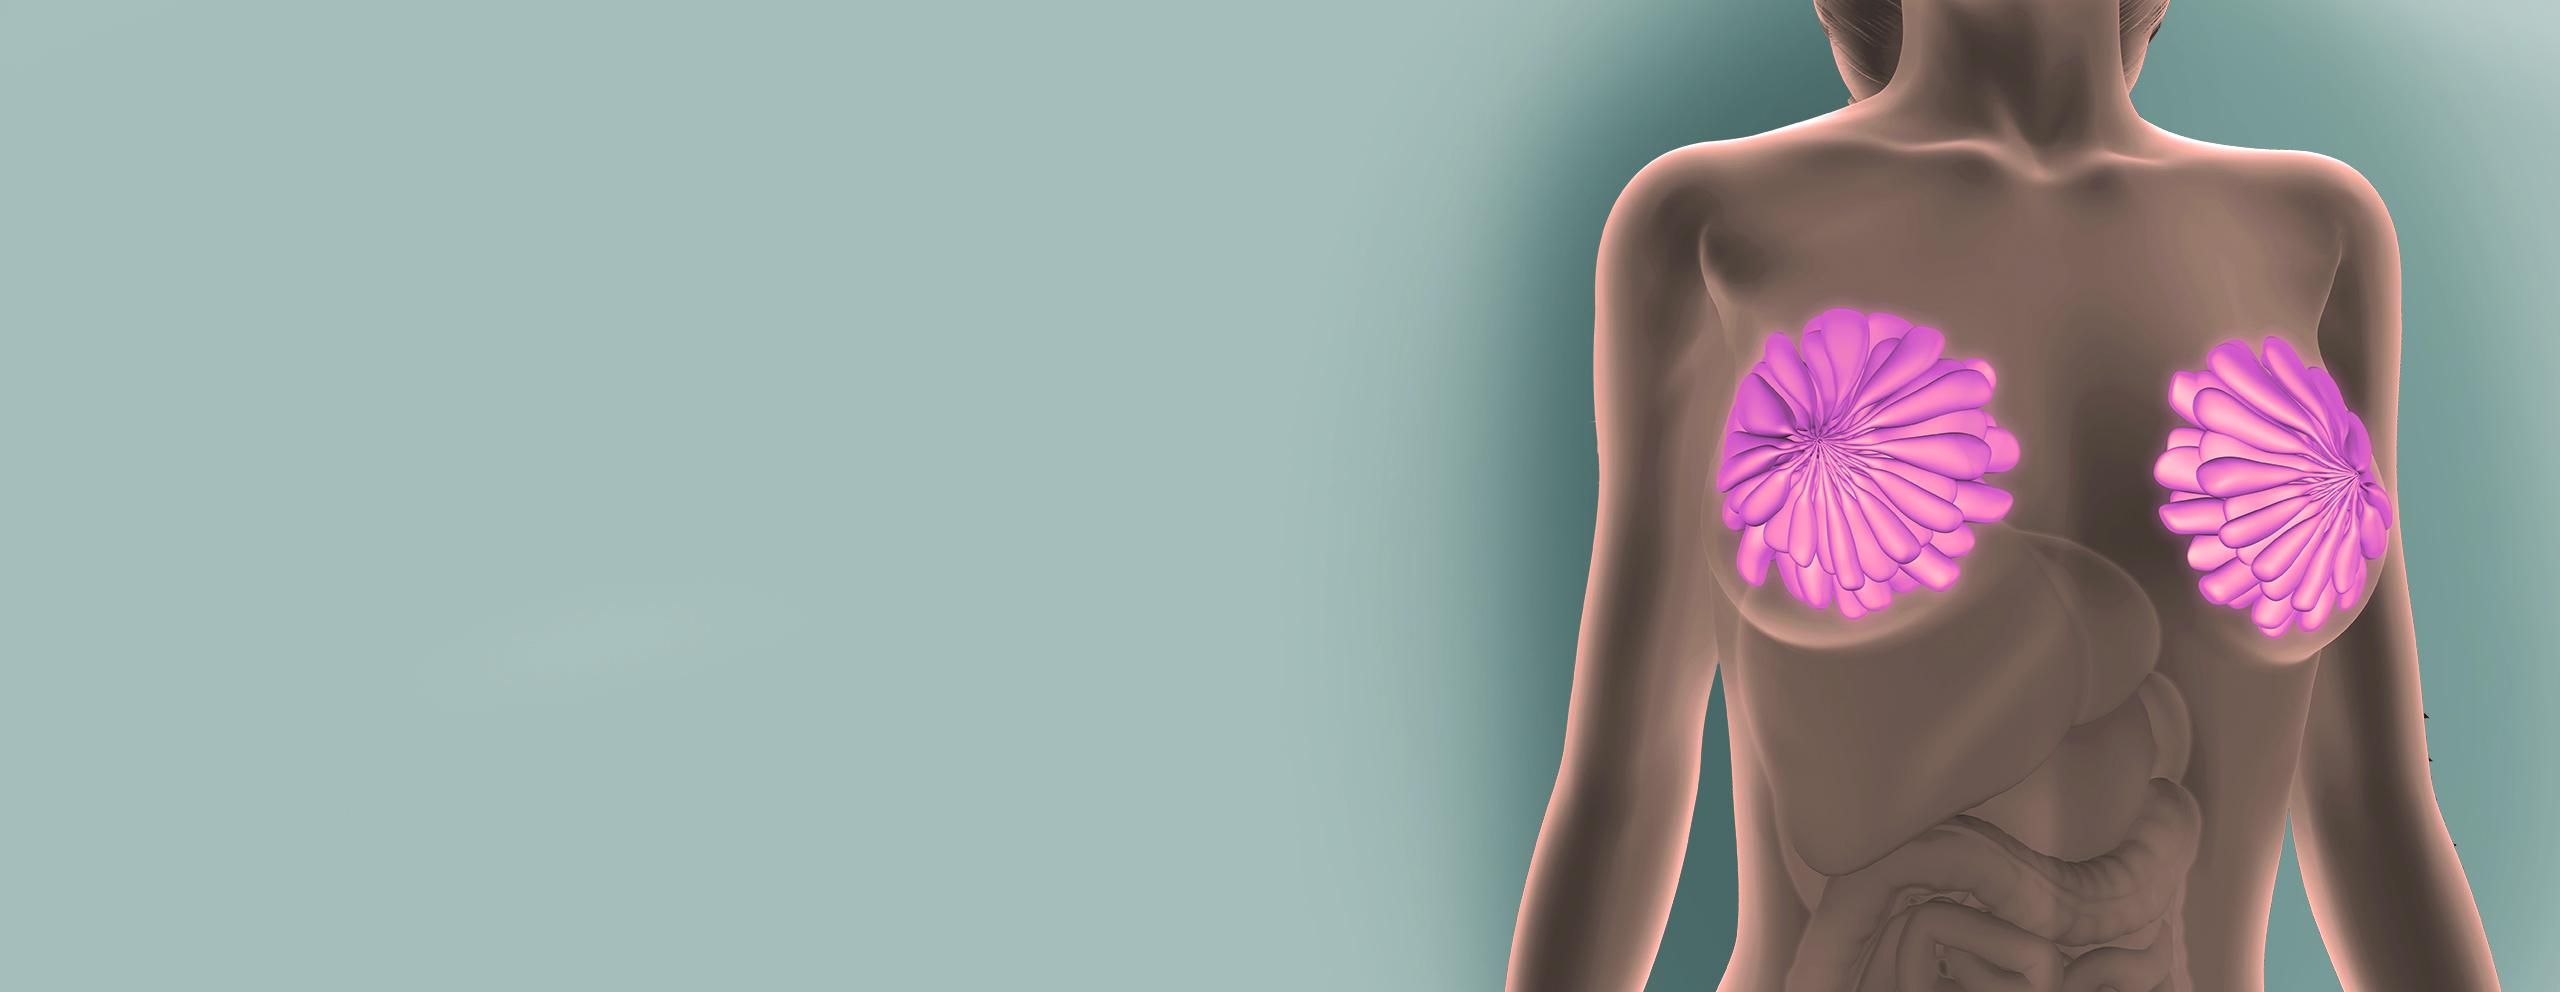 Kadın Hastalıkları ve Doğum Uzmanı Op. Dr. Lütfiye Tomak, meme kanseri ve hastalıklarının tespiti, erken tanı ve takip alanlarında uzman kadın sağlığı hizmetlerini sunmaktadır.